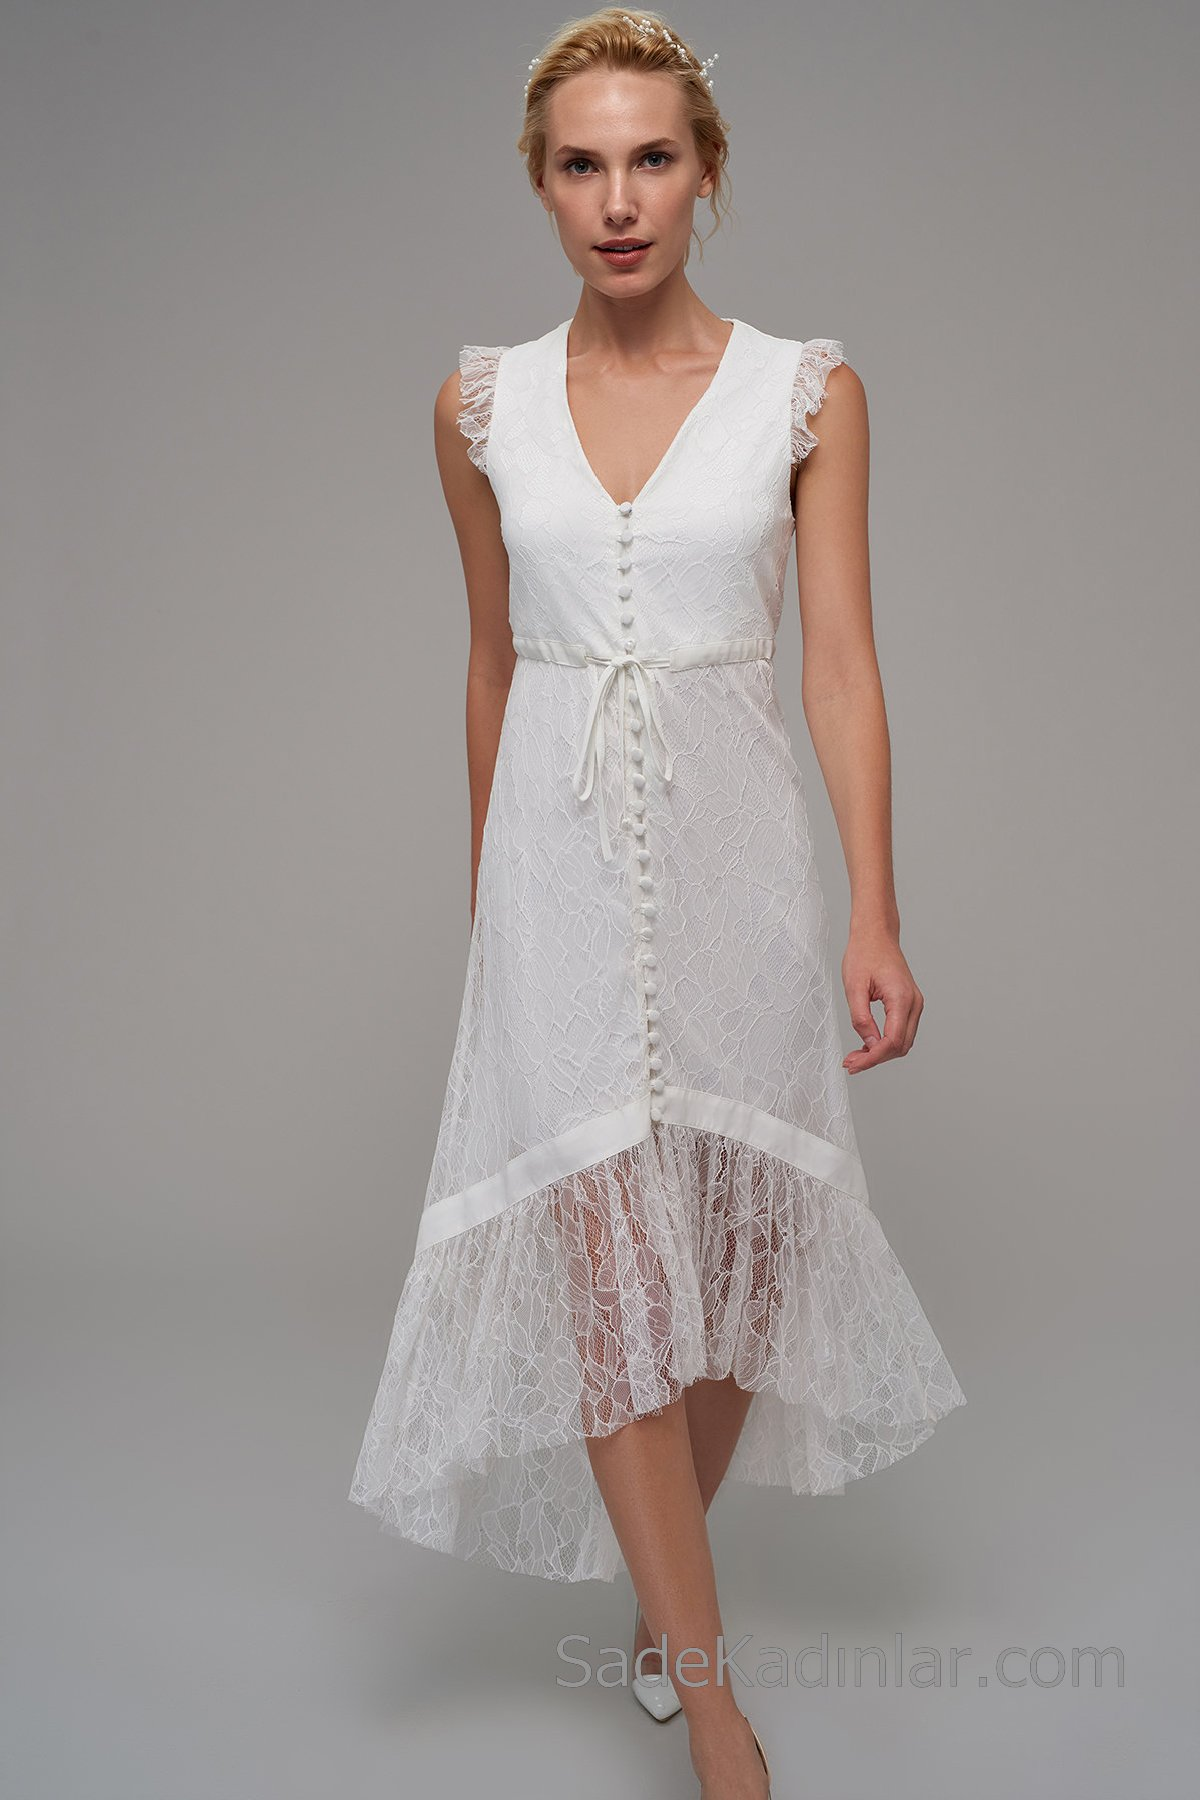 Dantel Elbise Modelleri Beyaz Uzun Kolsuz V Yakalı Düğmeli